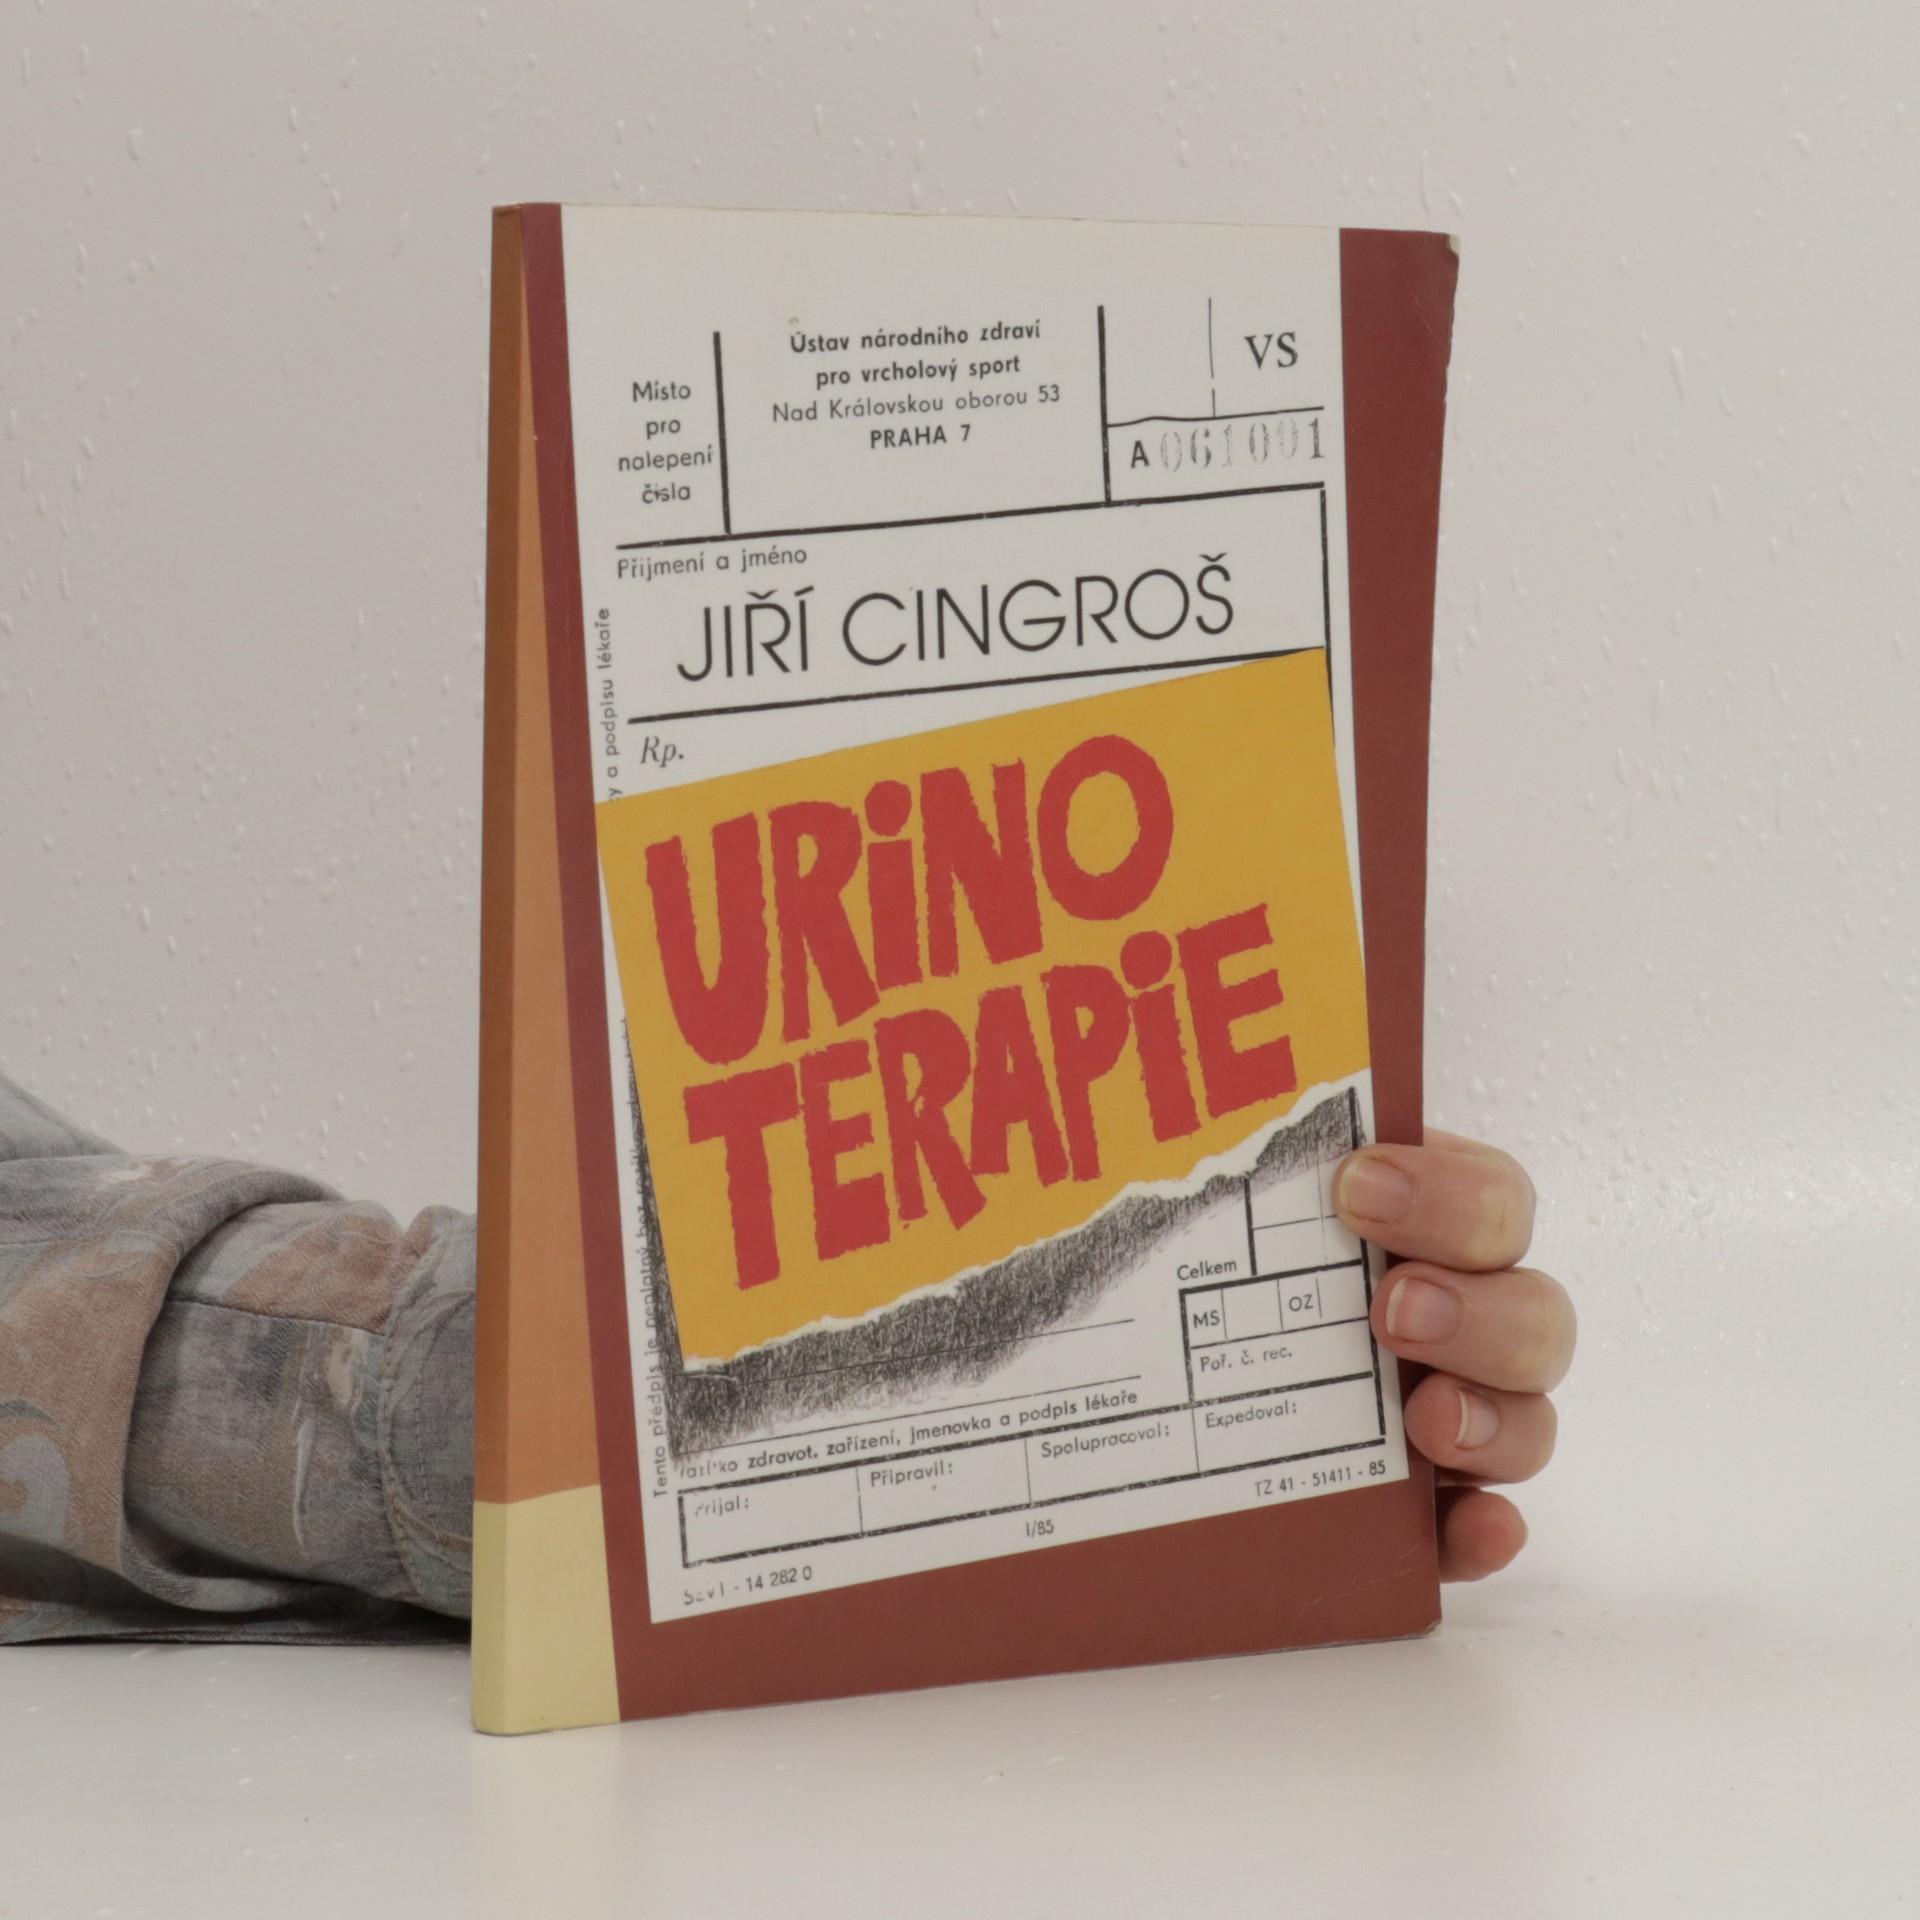 antikvární kniha Urinoterapie, 1996